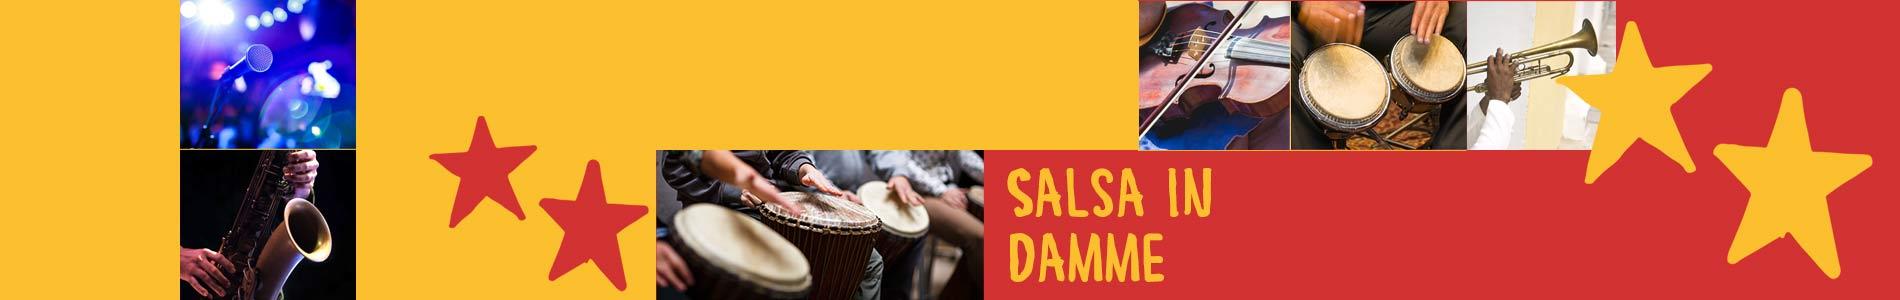 Salsa in Damme – Salsa lernen und tanzen, Tanzkurse, Partys, Veranstaltungen